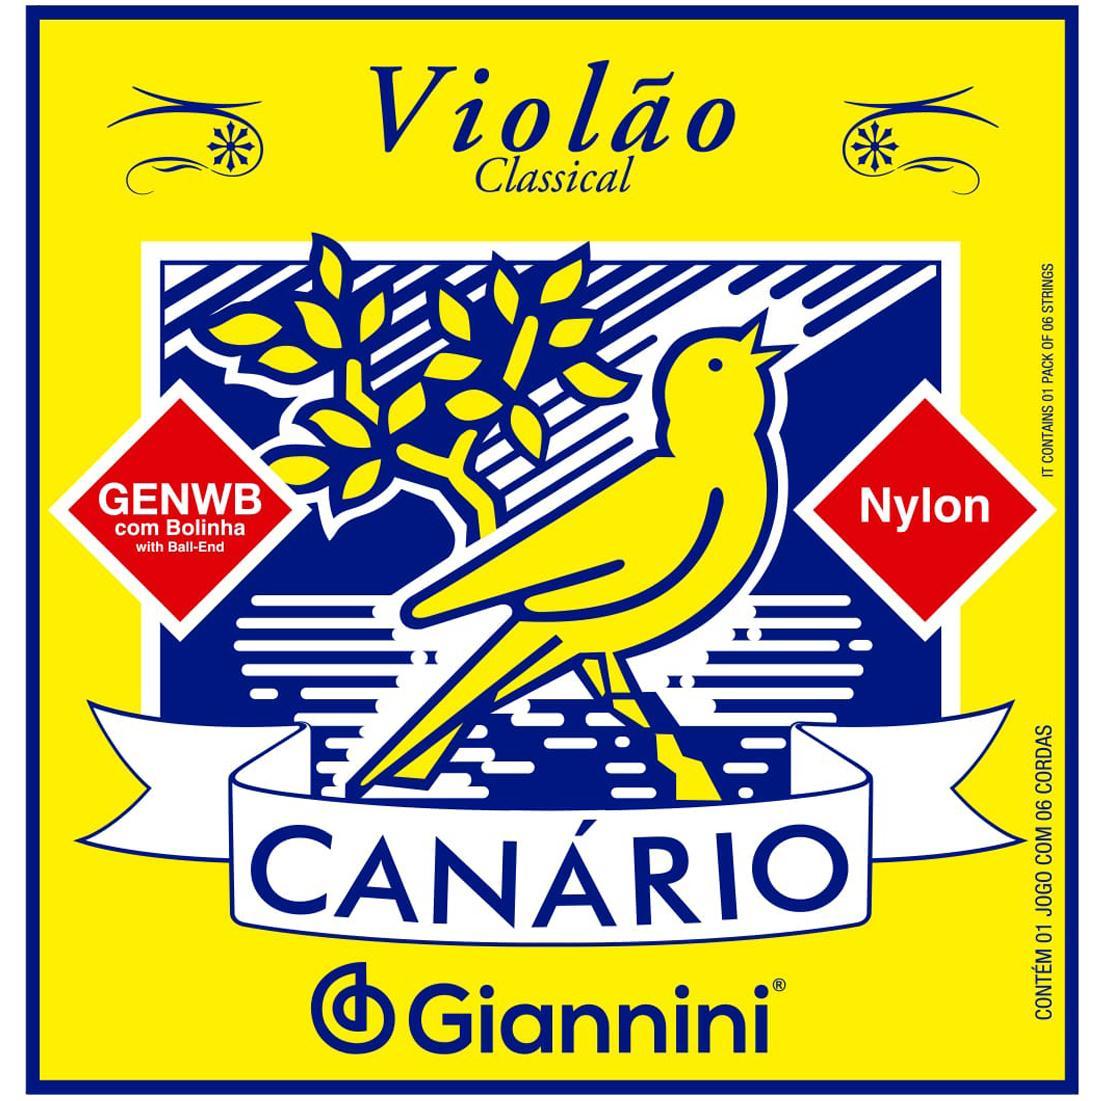 Encordoamento para Violão Nylon Giannini - Canário GENWB (Tensão Média)